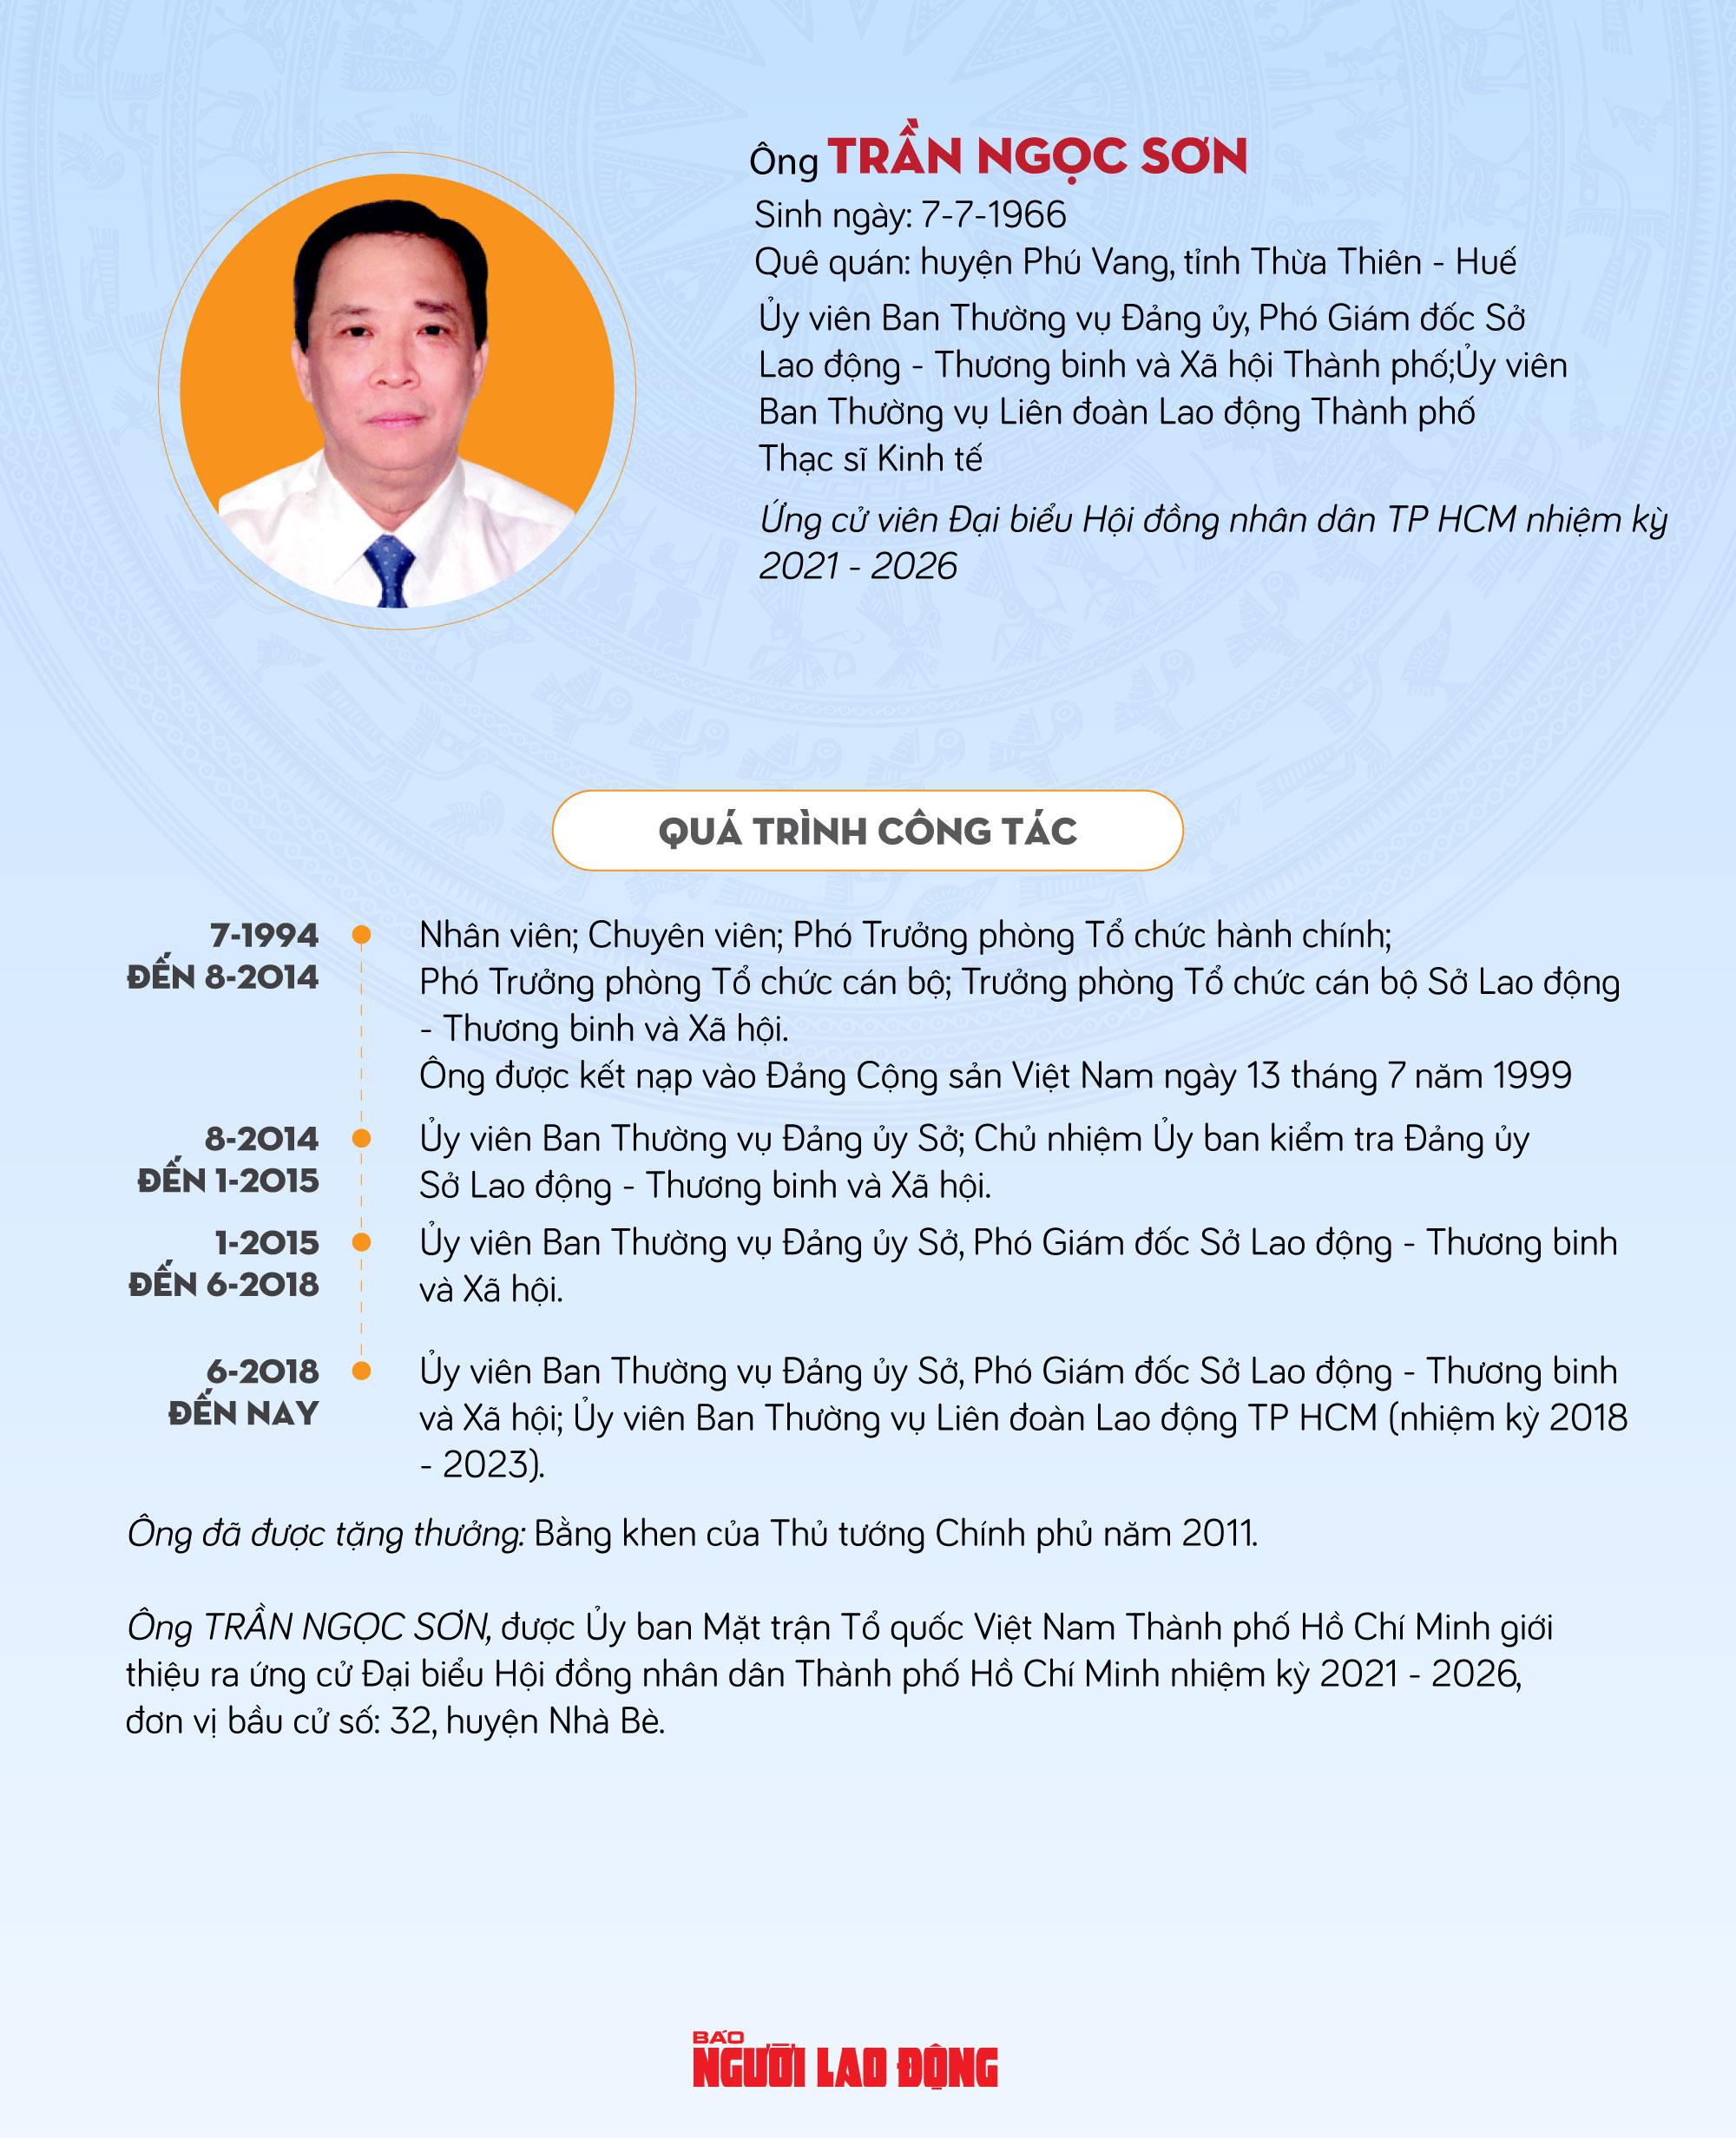 Ông Trần Ngọc Sơn: Thực hiện hiệu quả các chế độ an sinh xã hội và phúc lợi xã hội - Ảnh 1.